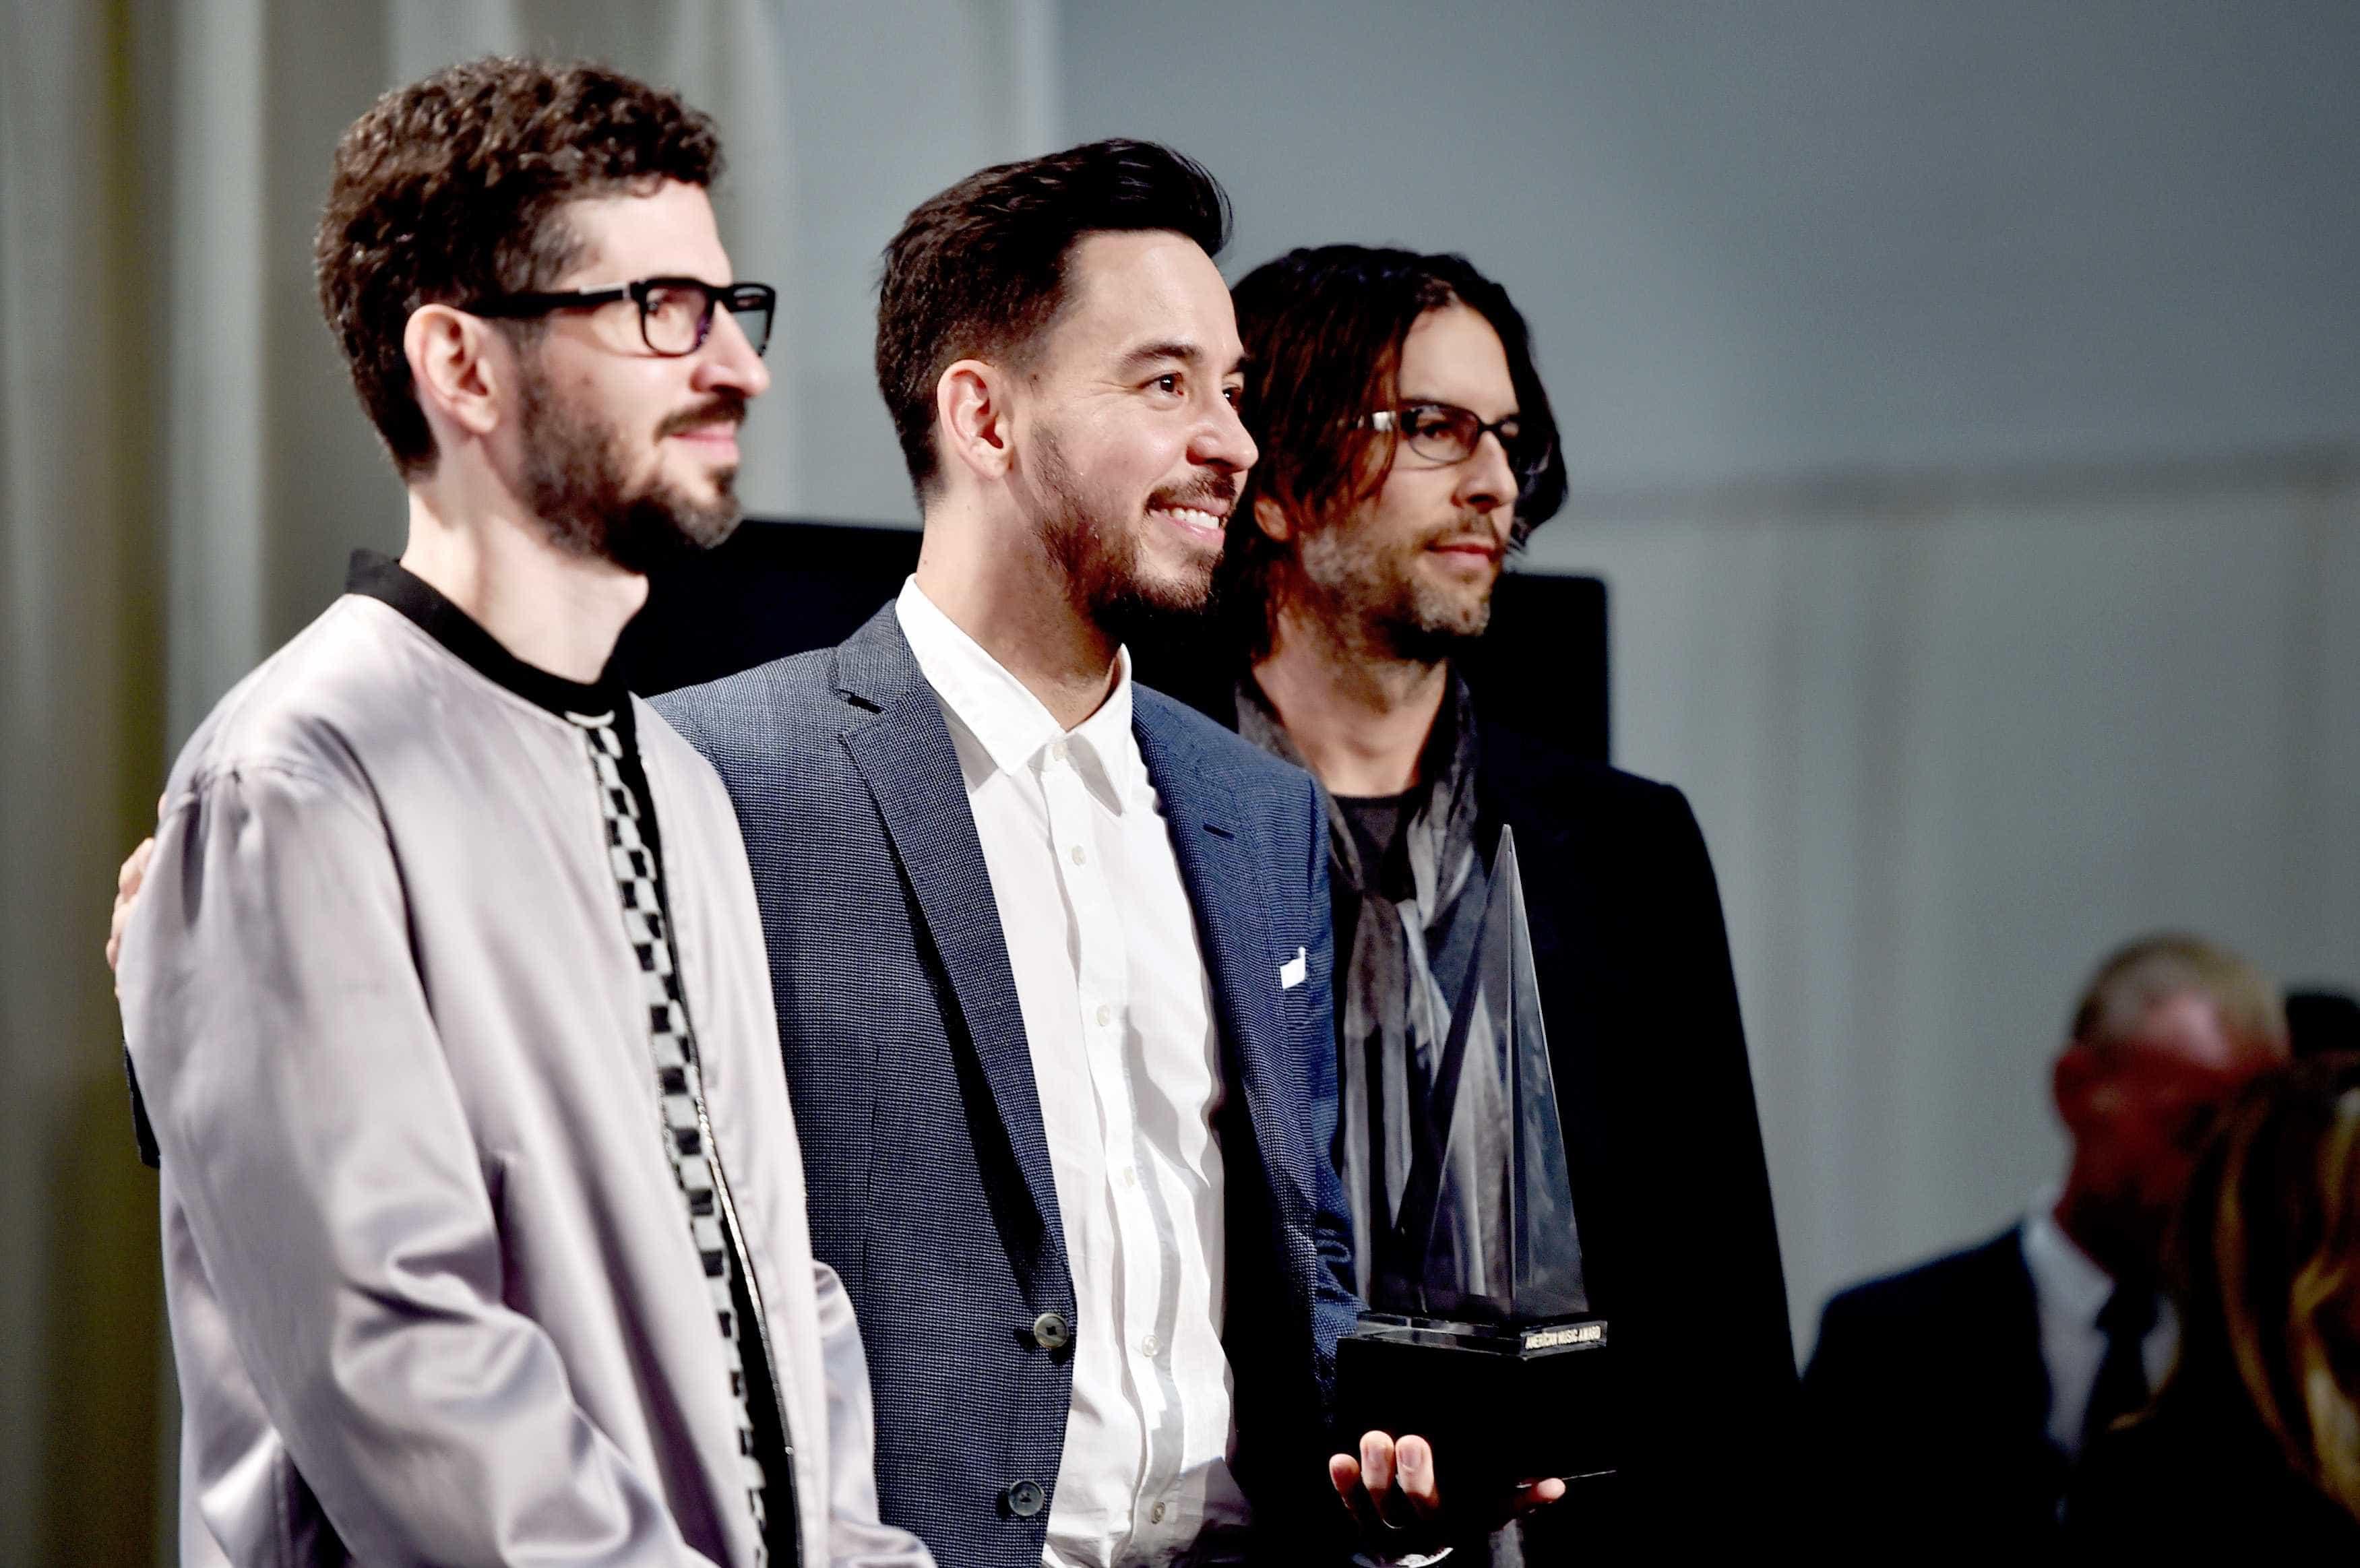 Membros dos Linkin Park homenageiam Chester Bennington nos AMA